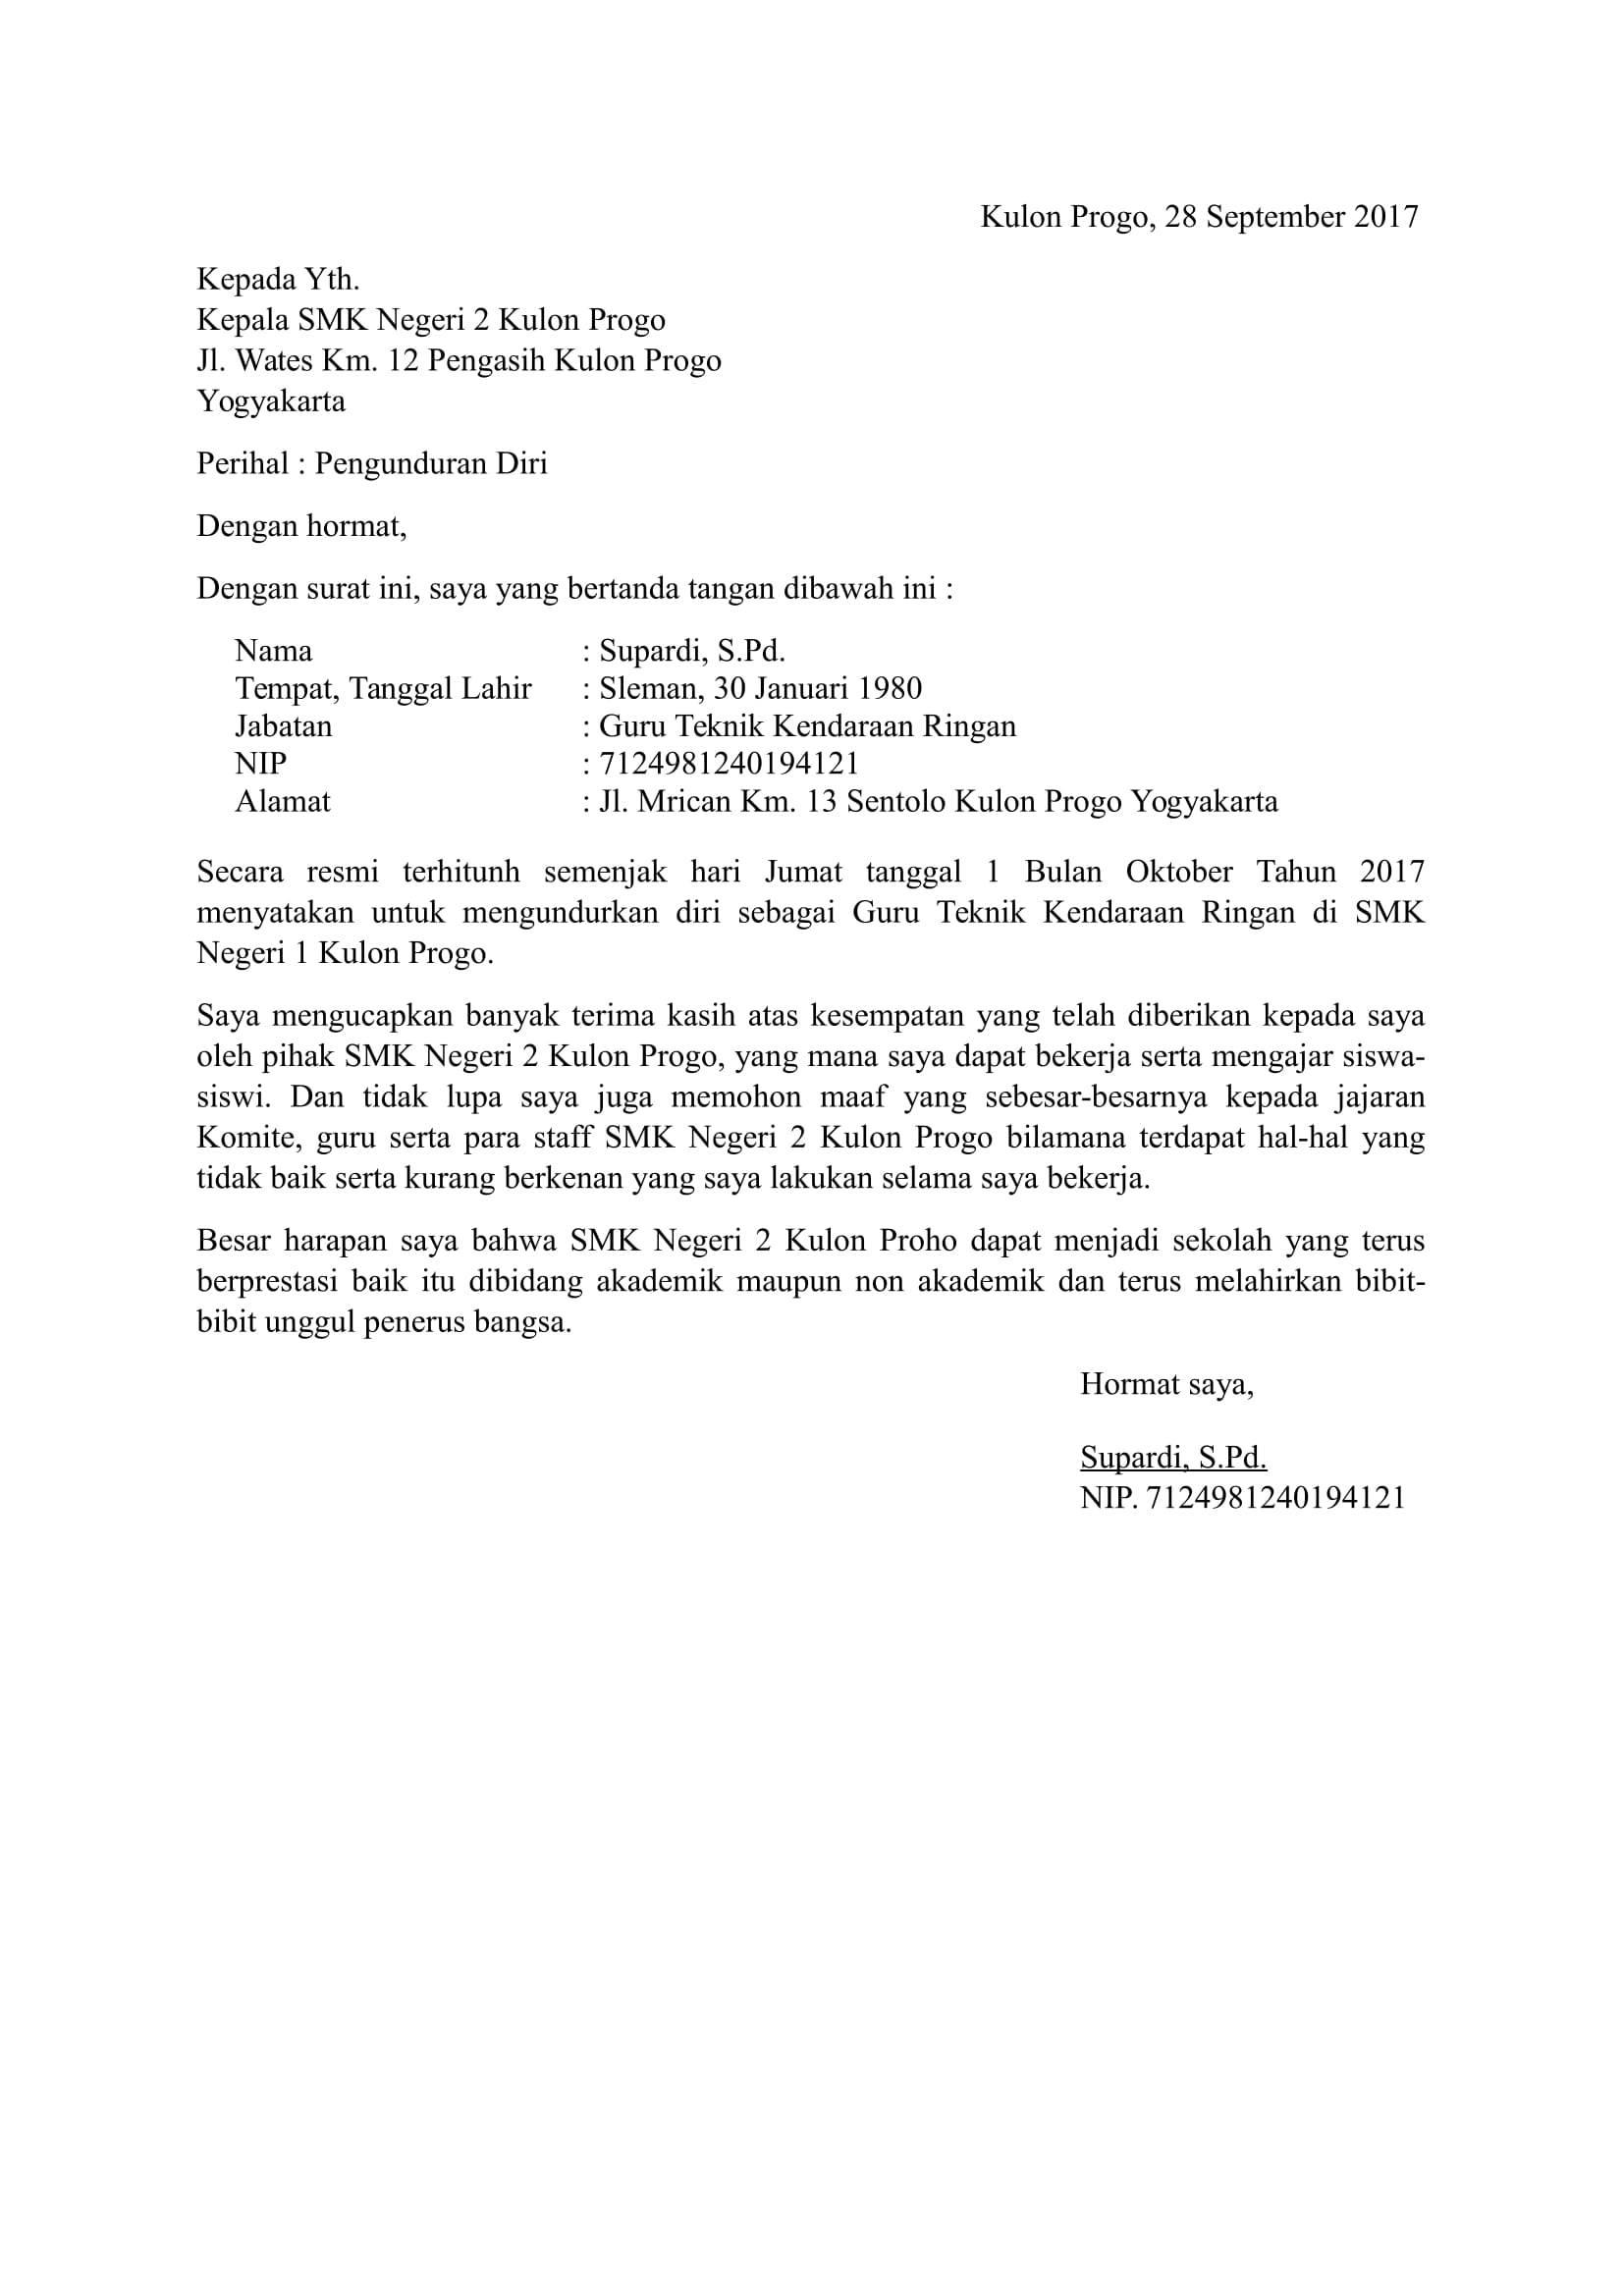 Contoh Surat Resign dari Guru